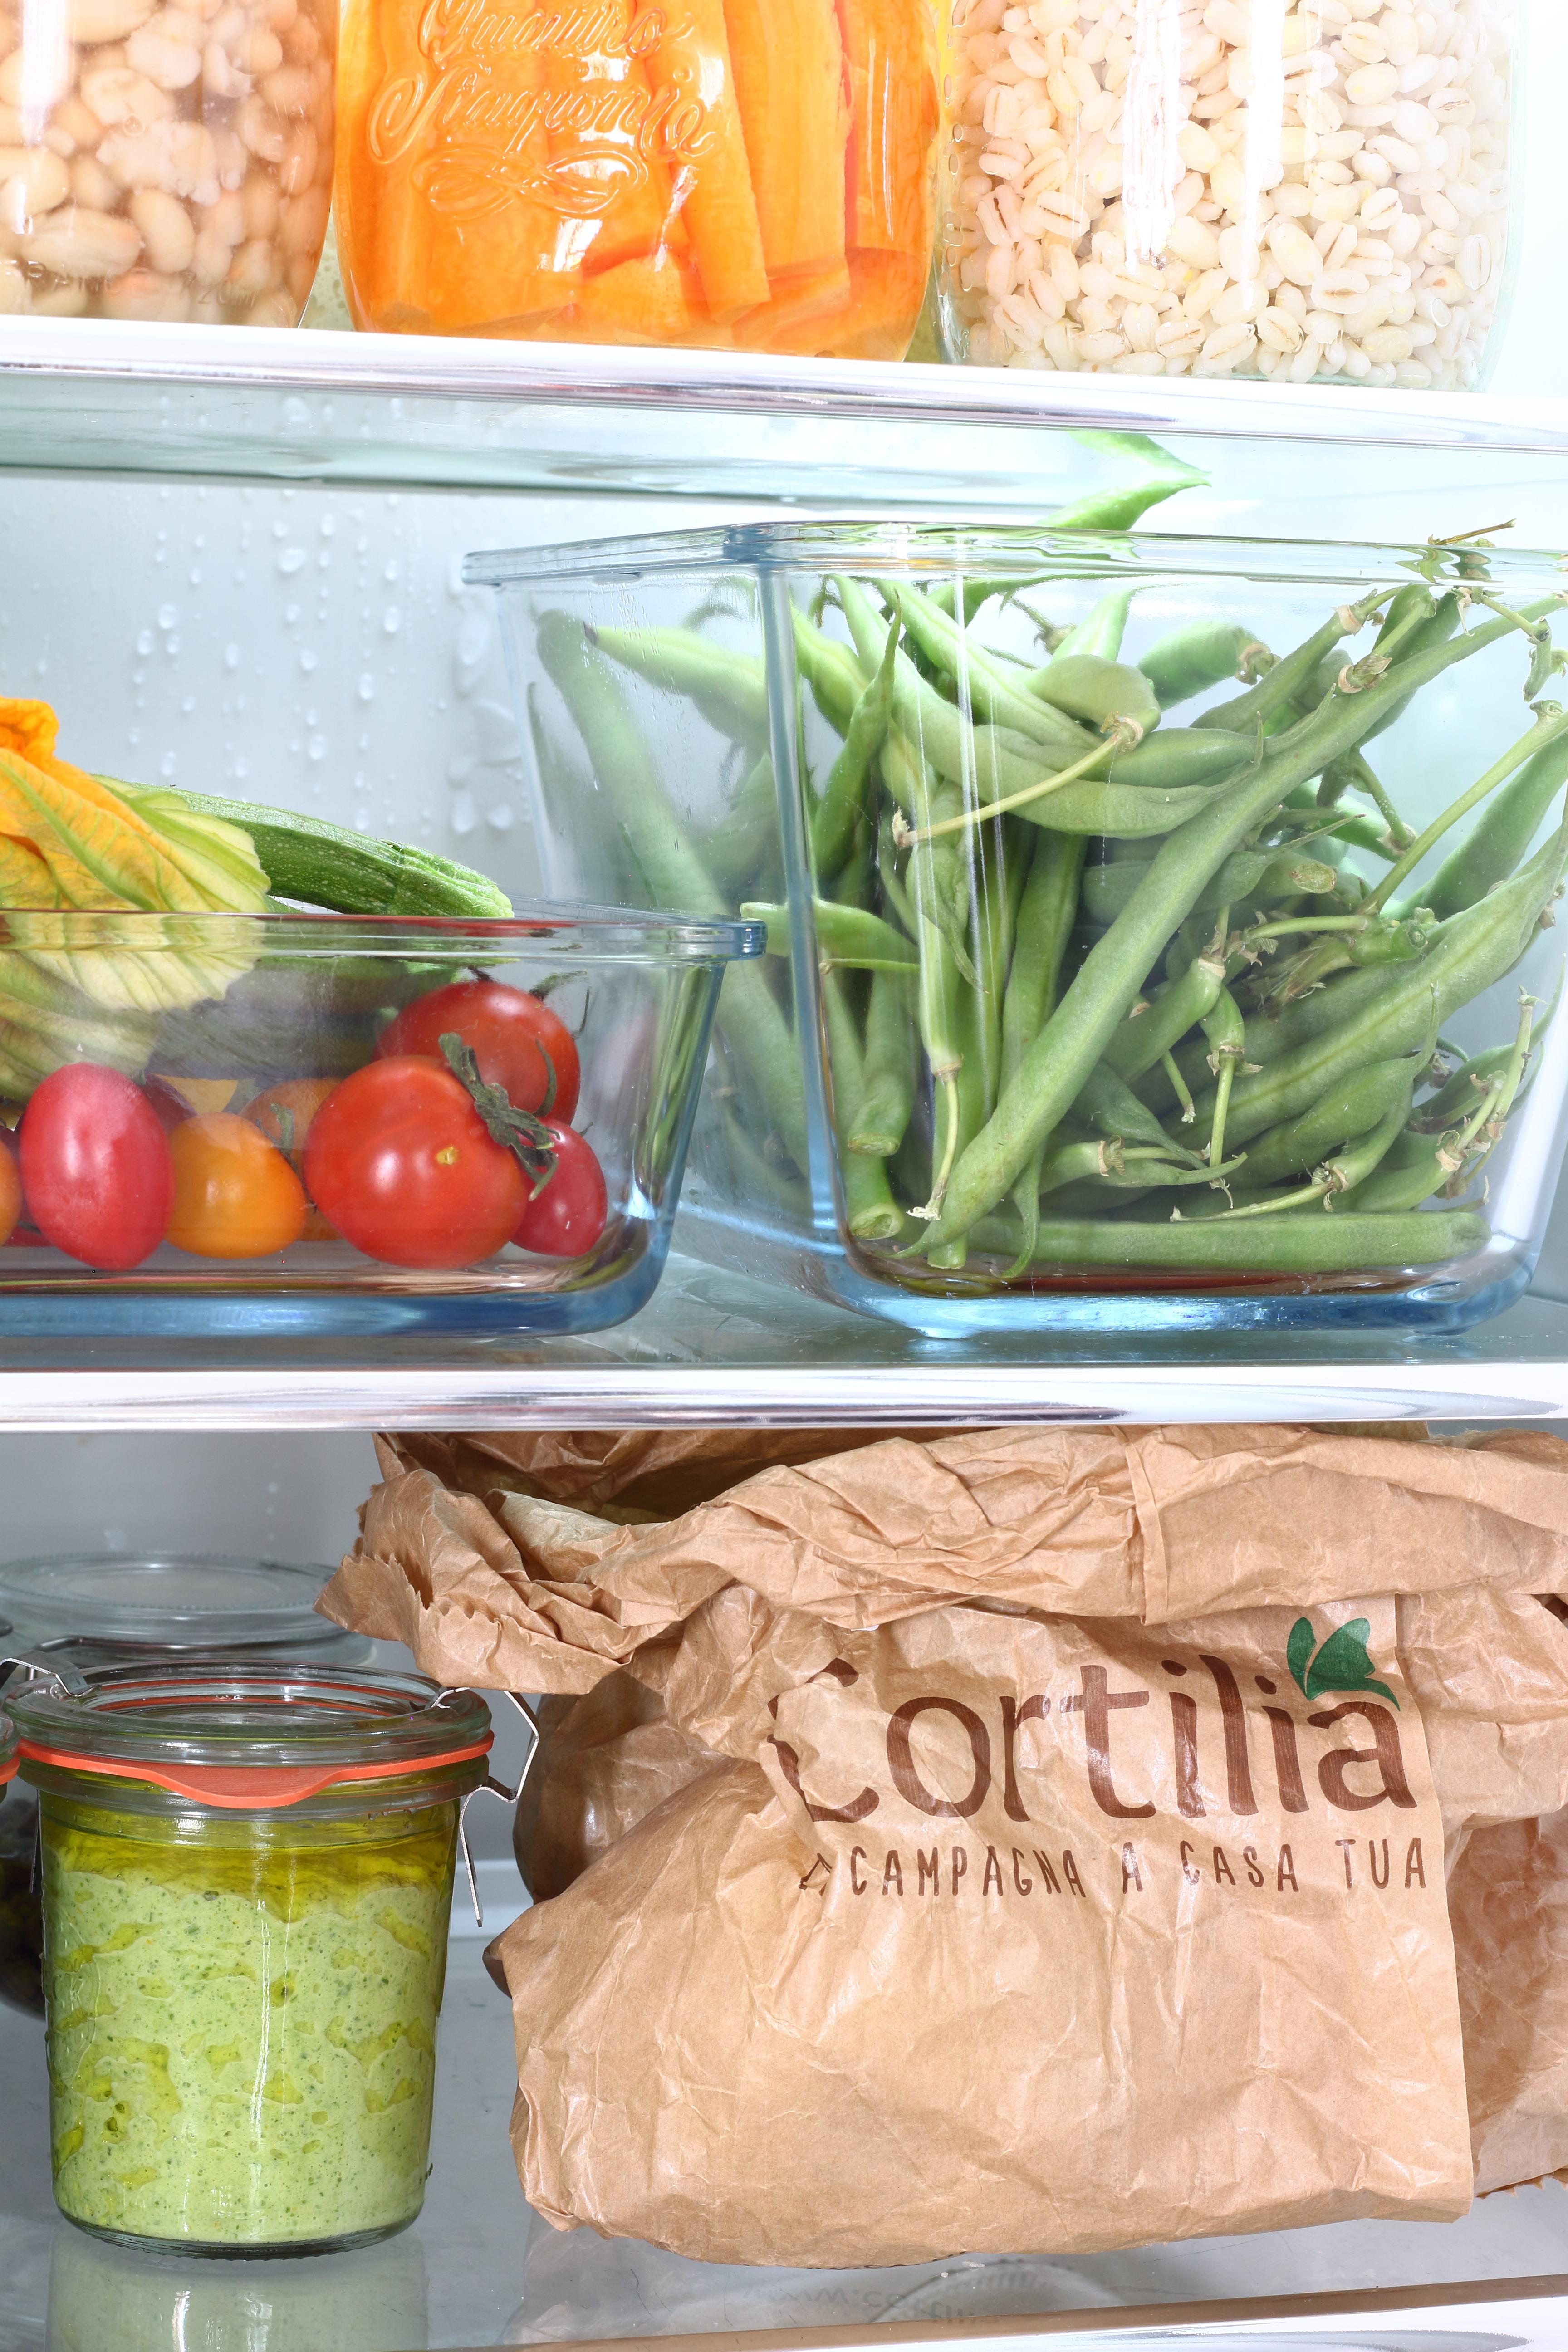 Contenitori Per Organizzare Frigo come conservare correttamente frutta e verdura   blog cortilia